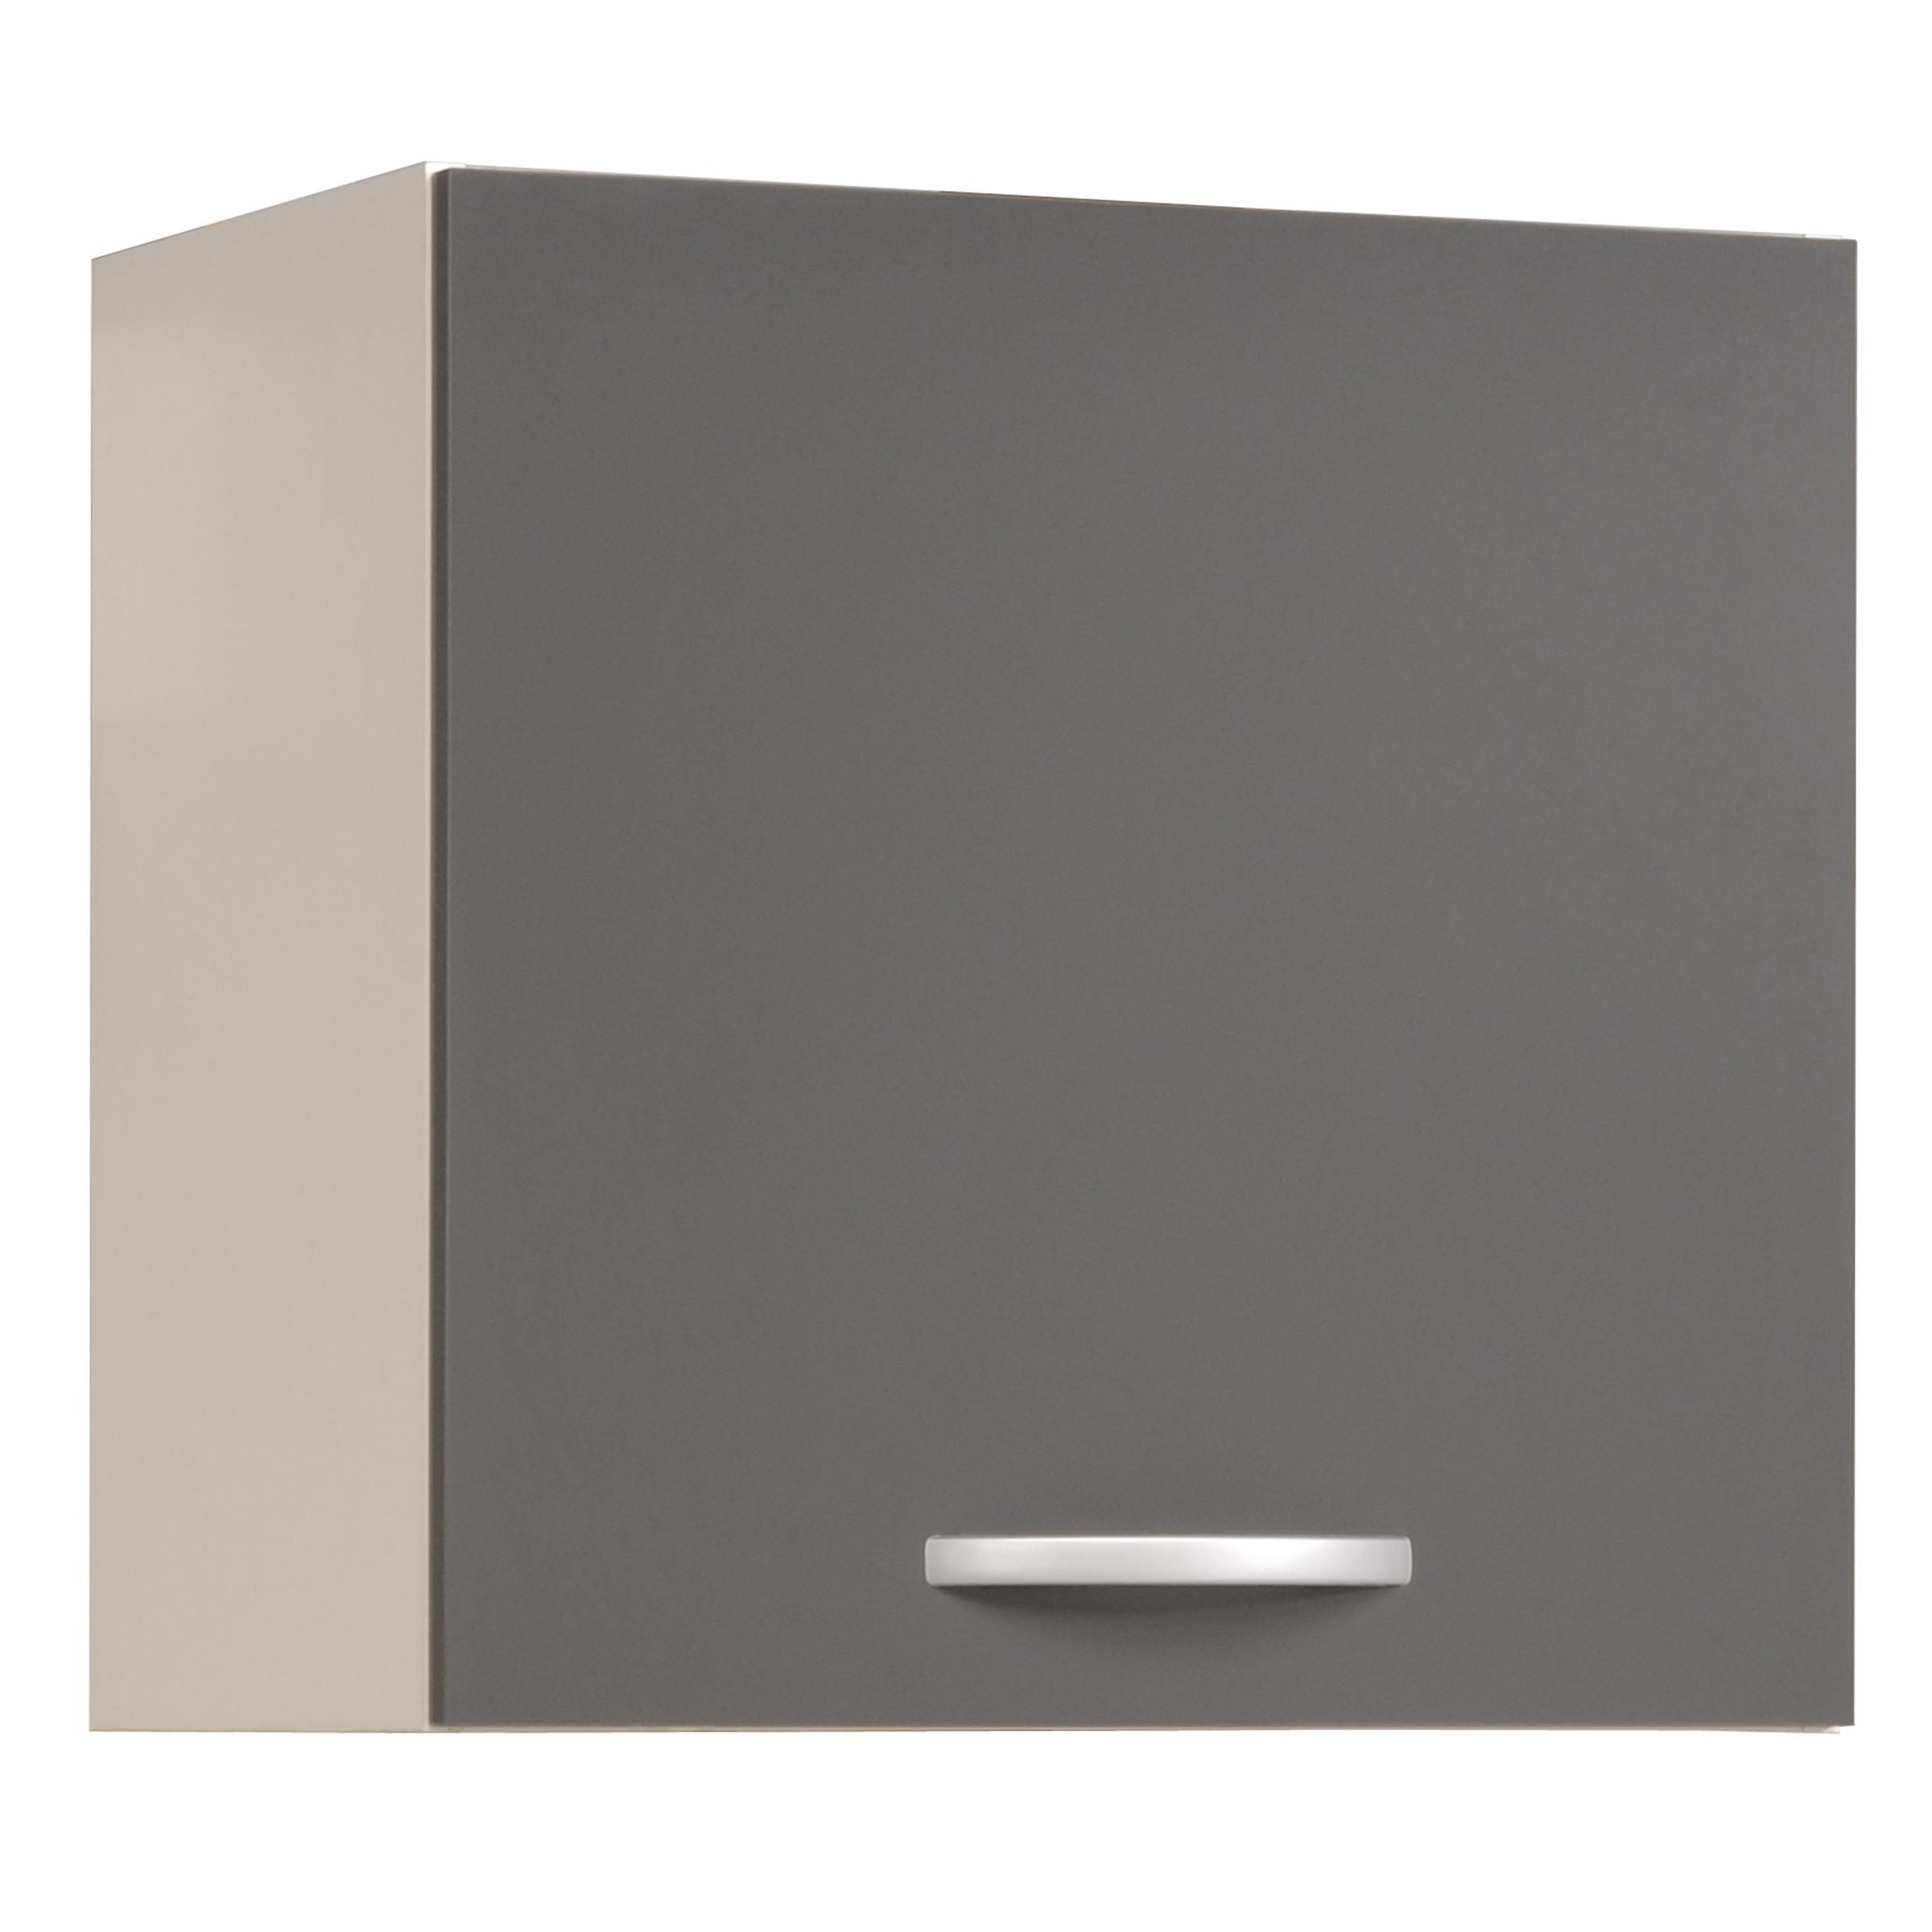 Meuble de cuisine haut Eko gris brillant 15 x 15 x 15 cm EKIPA